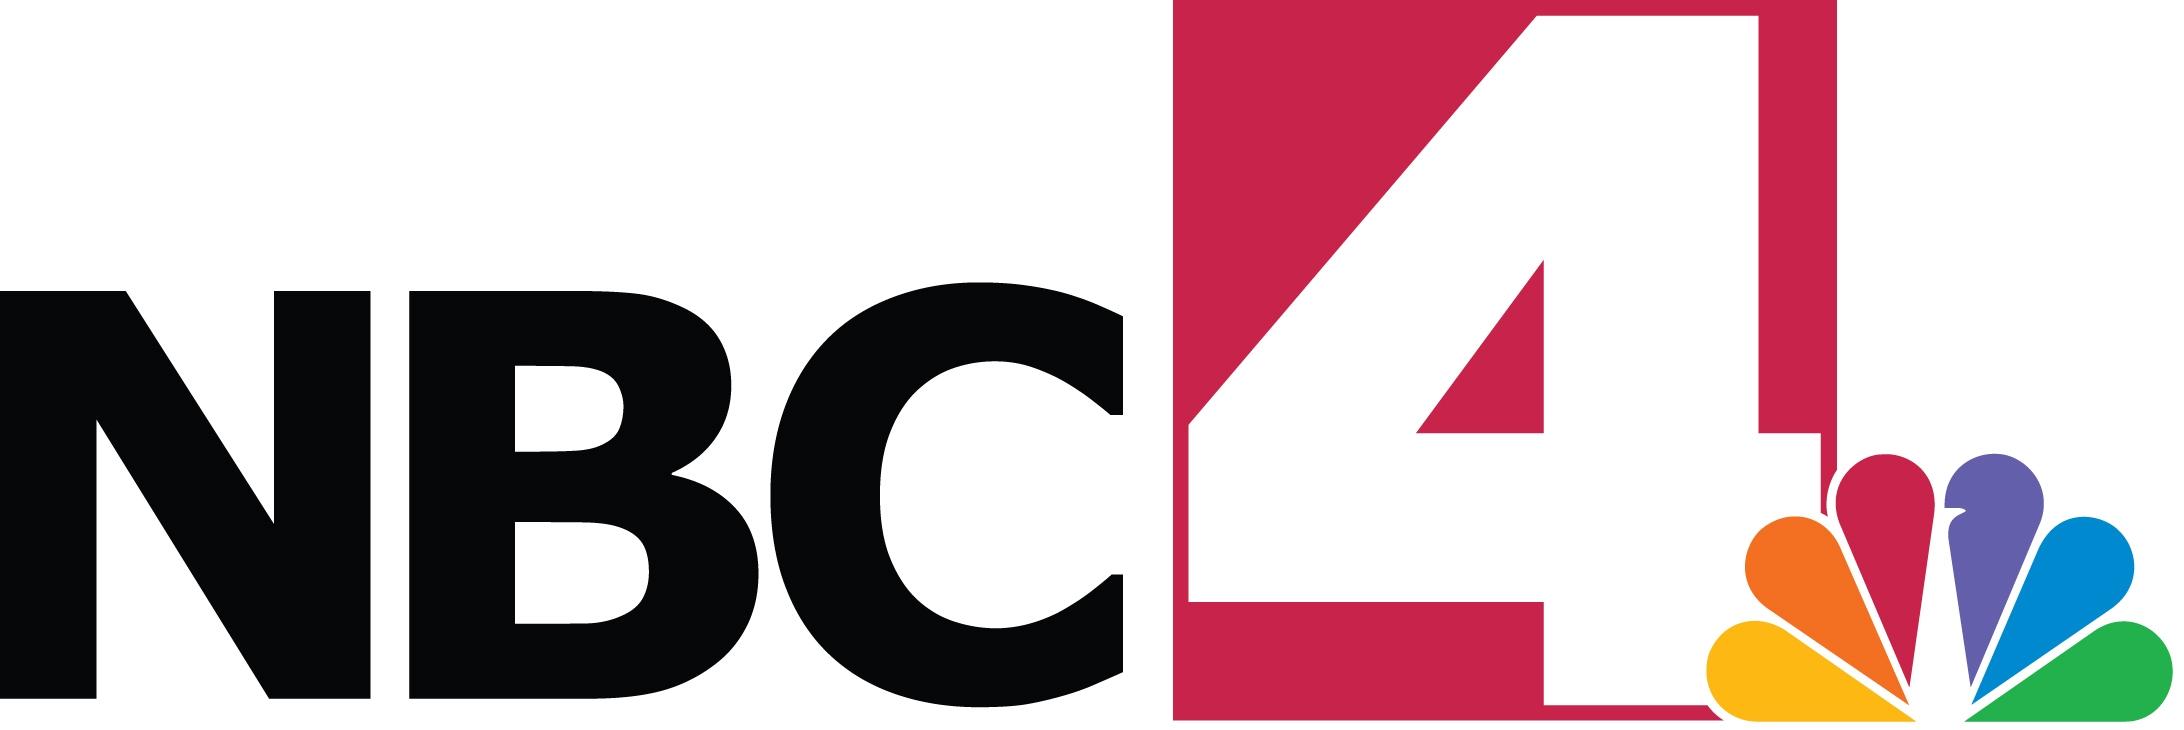 NBC 4 Logo - Bing images